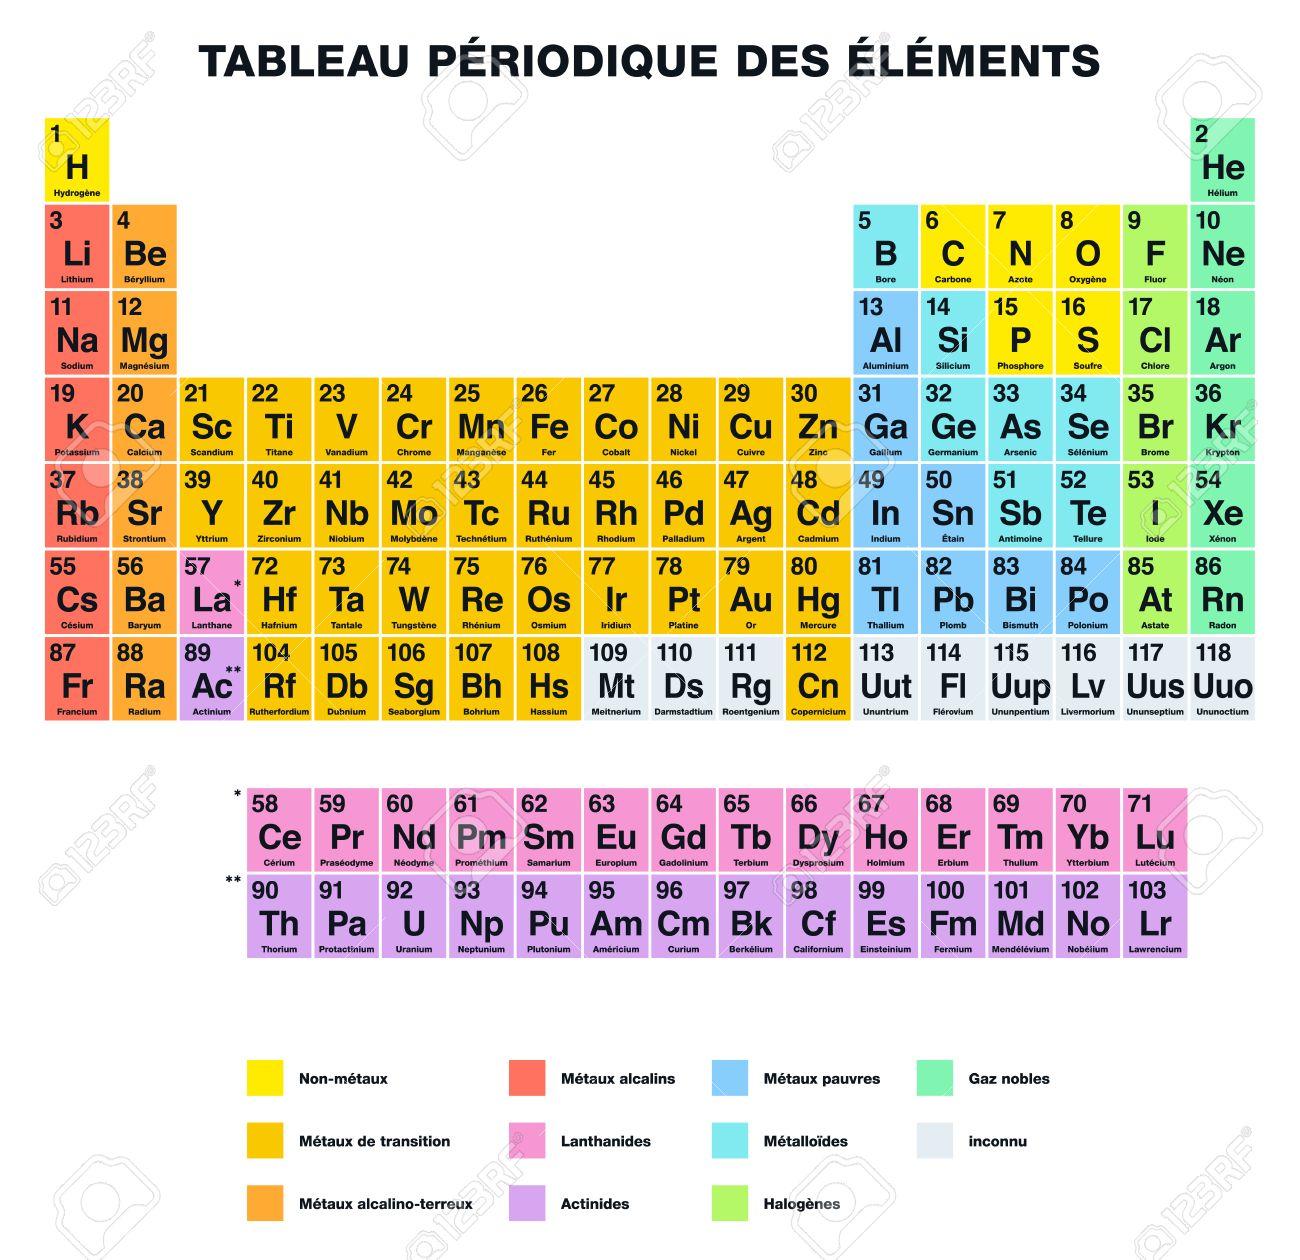 Tableau Periodique Des Elements Etiquetage Francais Arrangement Tabulaire Des Elements Chimiques Avec Leurs Numeros Atomiques Organises En Groupes Et Les Familles Isole Sur Fond Blanc Clip Art Libres De Droits Vecteurs